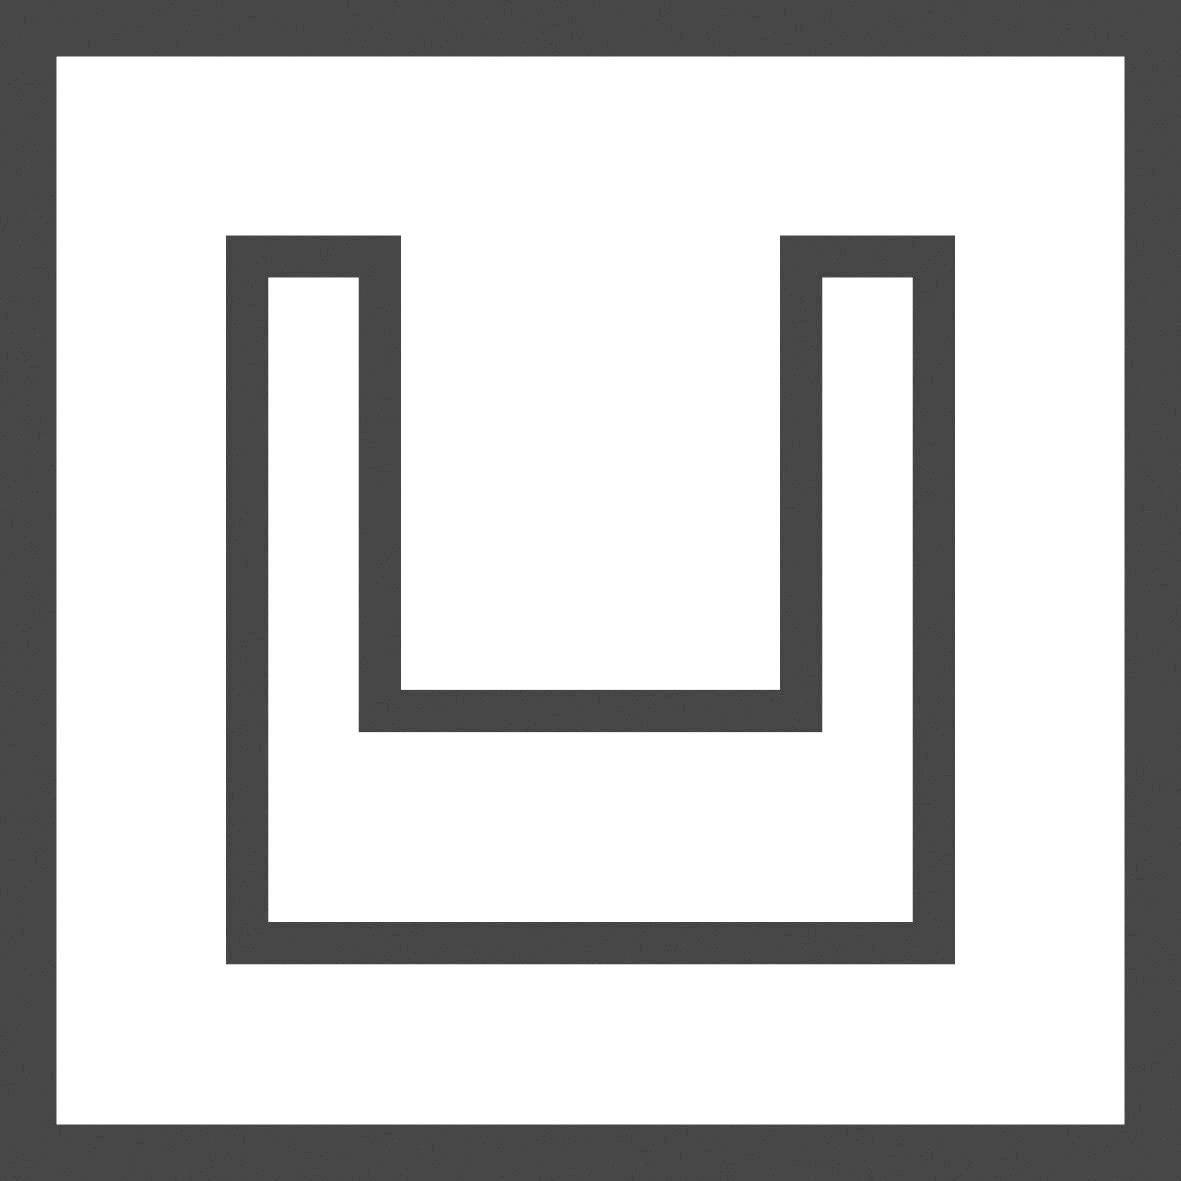 Drážkovací fréza Dremel 650, 3 ,2 mm